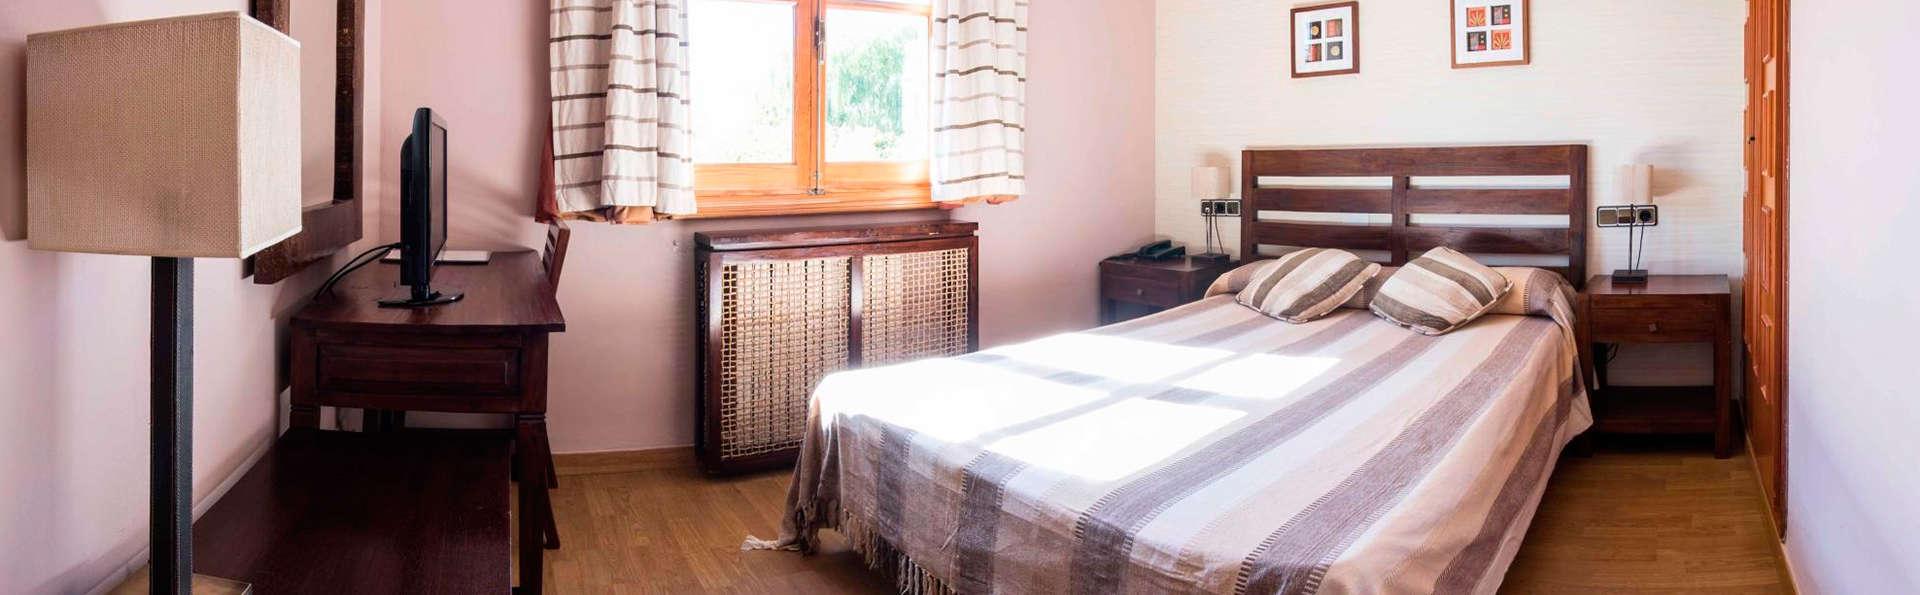 Hotel de Montaña Rubielos - EDIT_room4.jpg